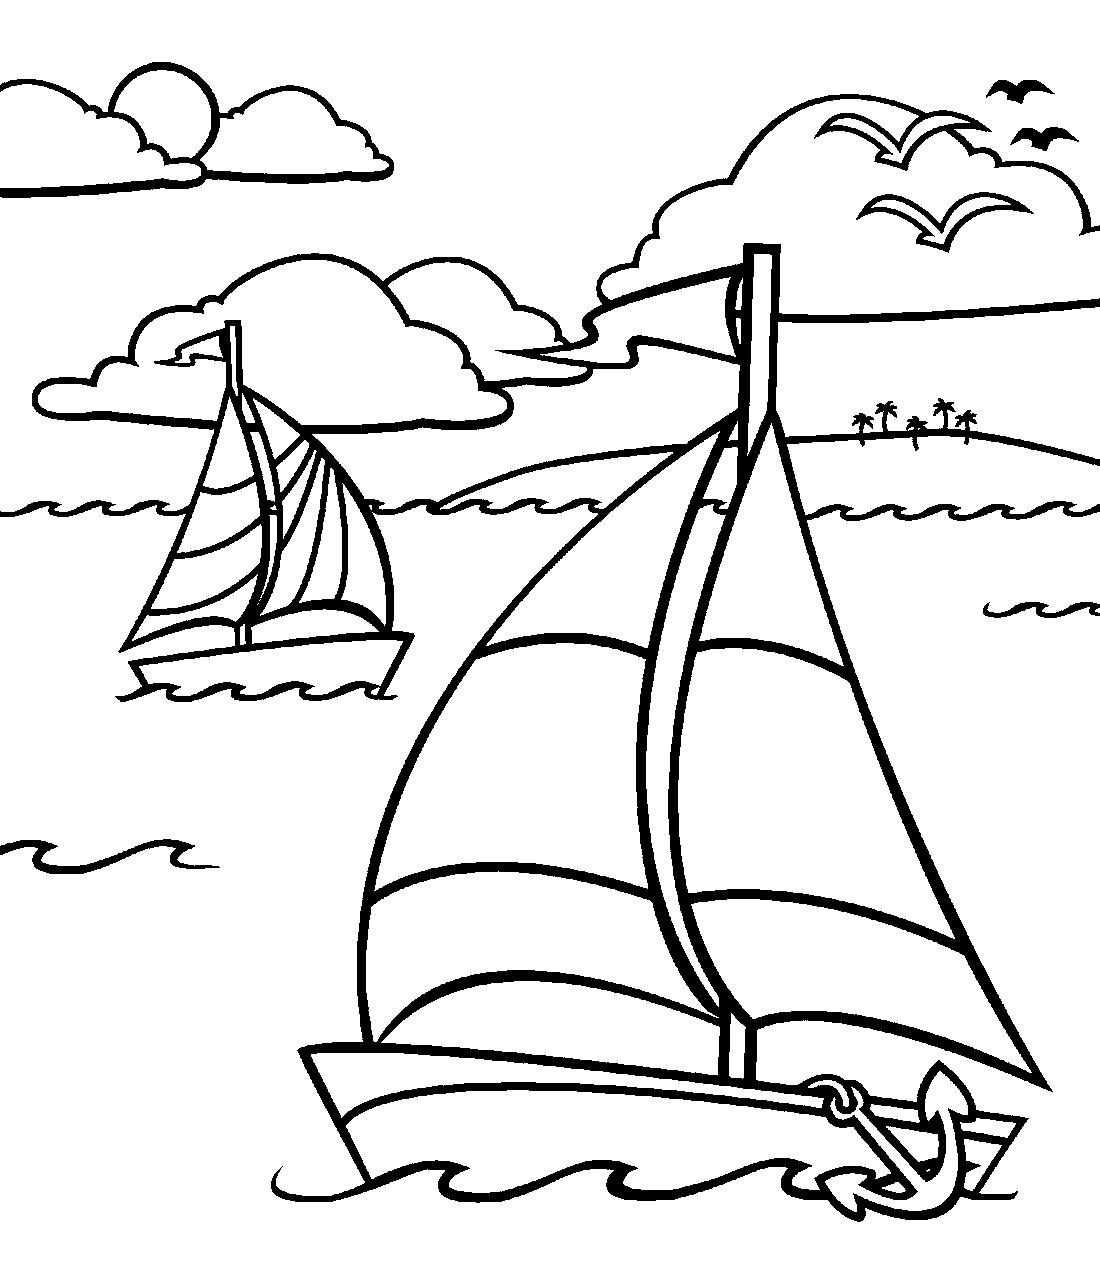 Море картинка для детей раскраска